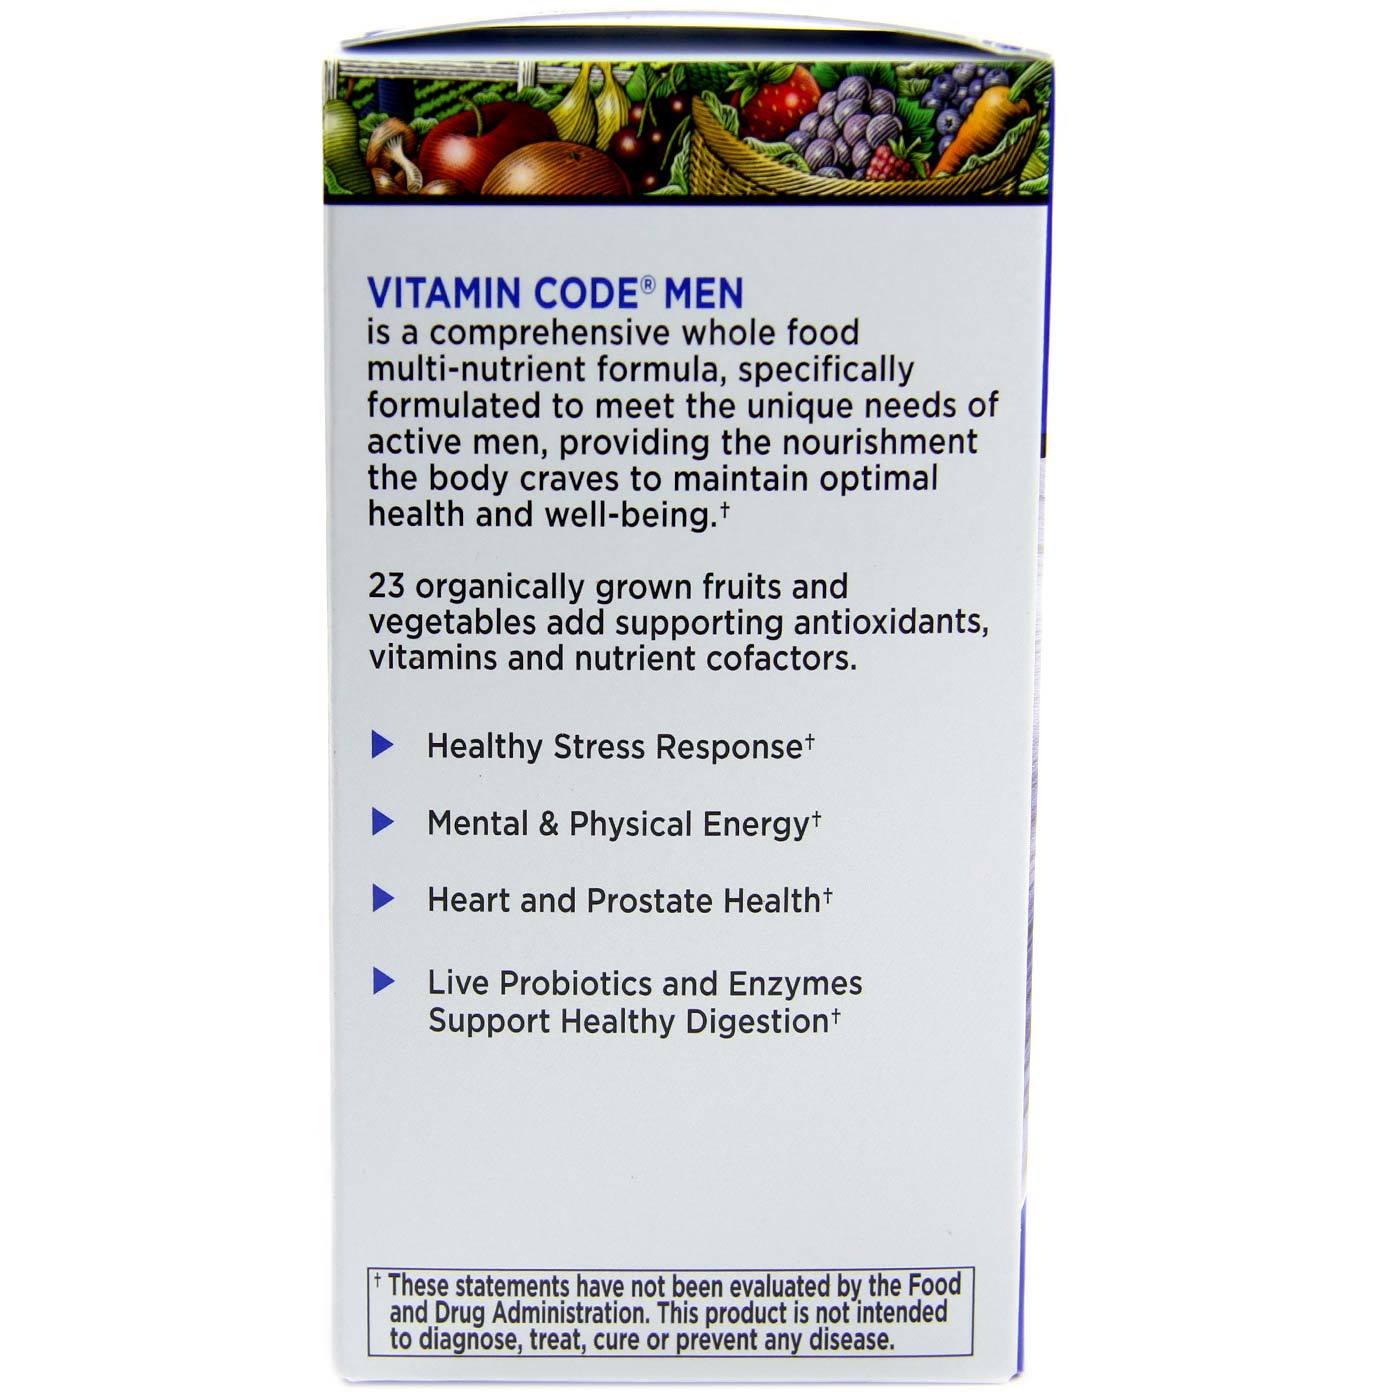 View Image · View Image · Vitamin Code Men